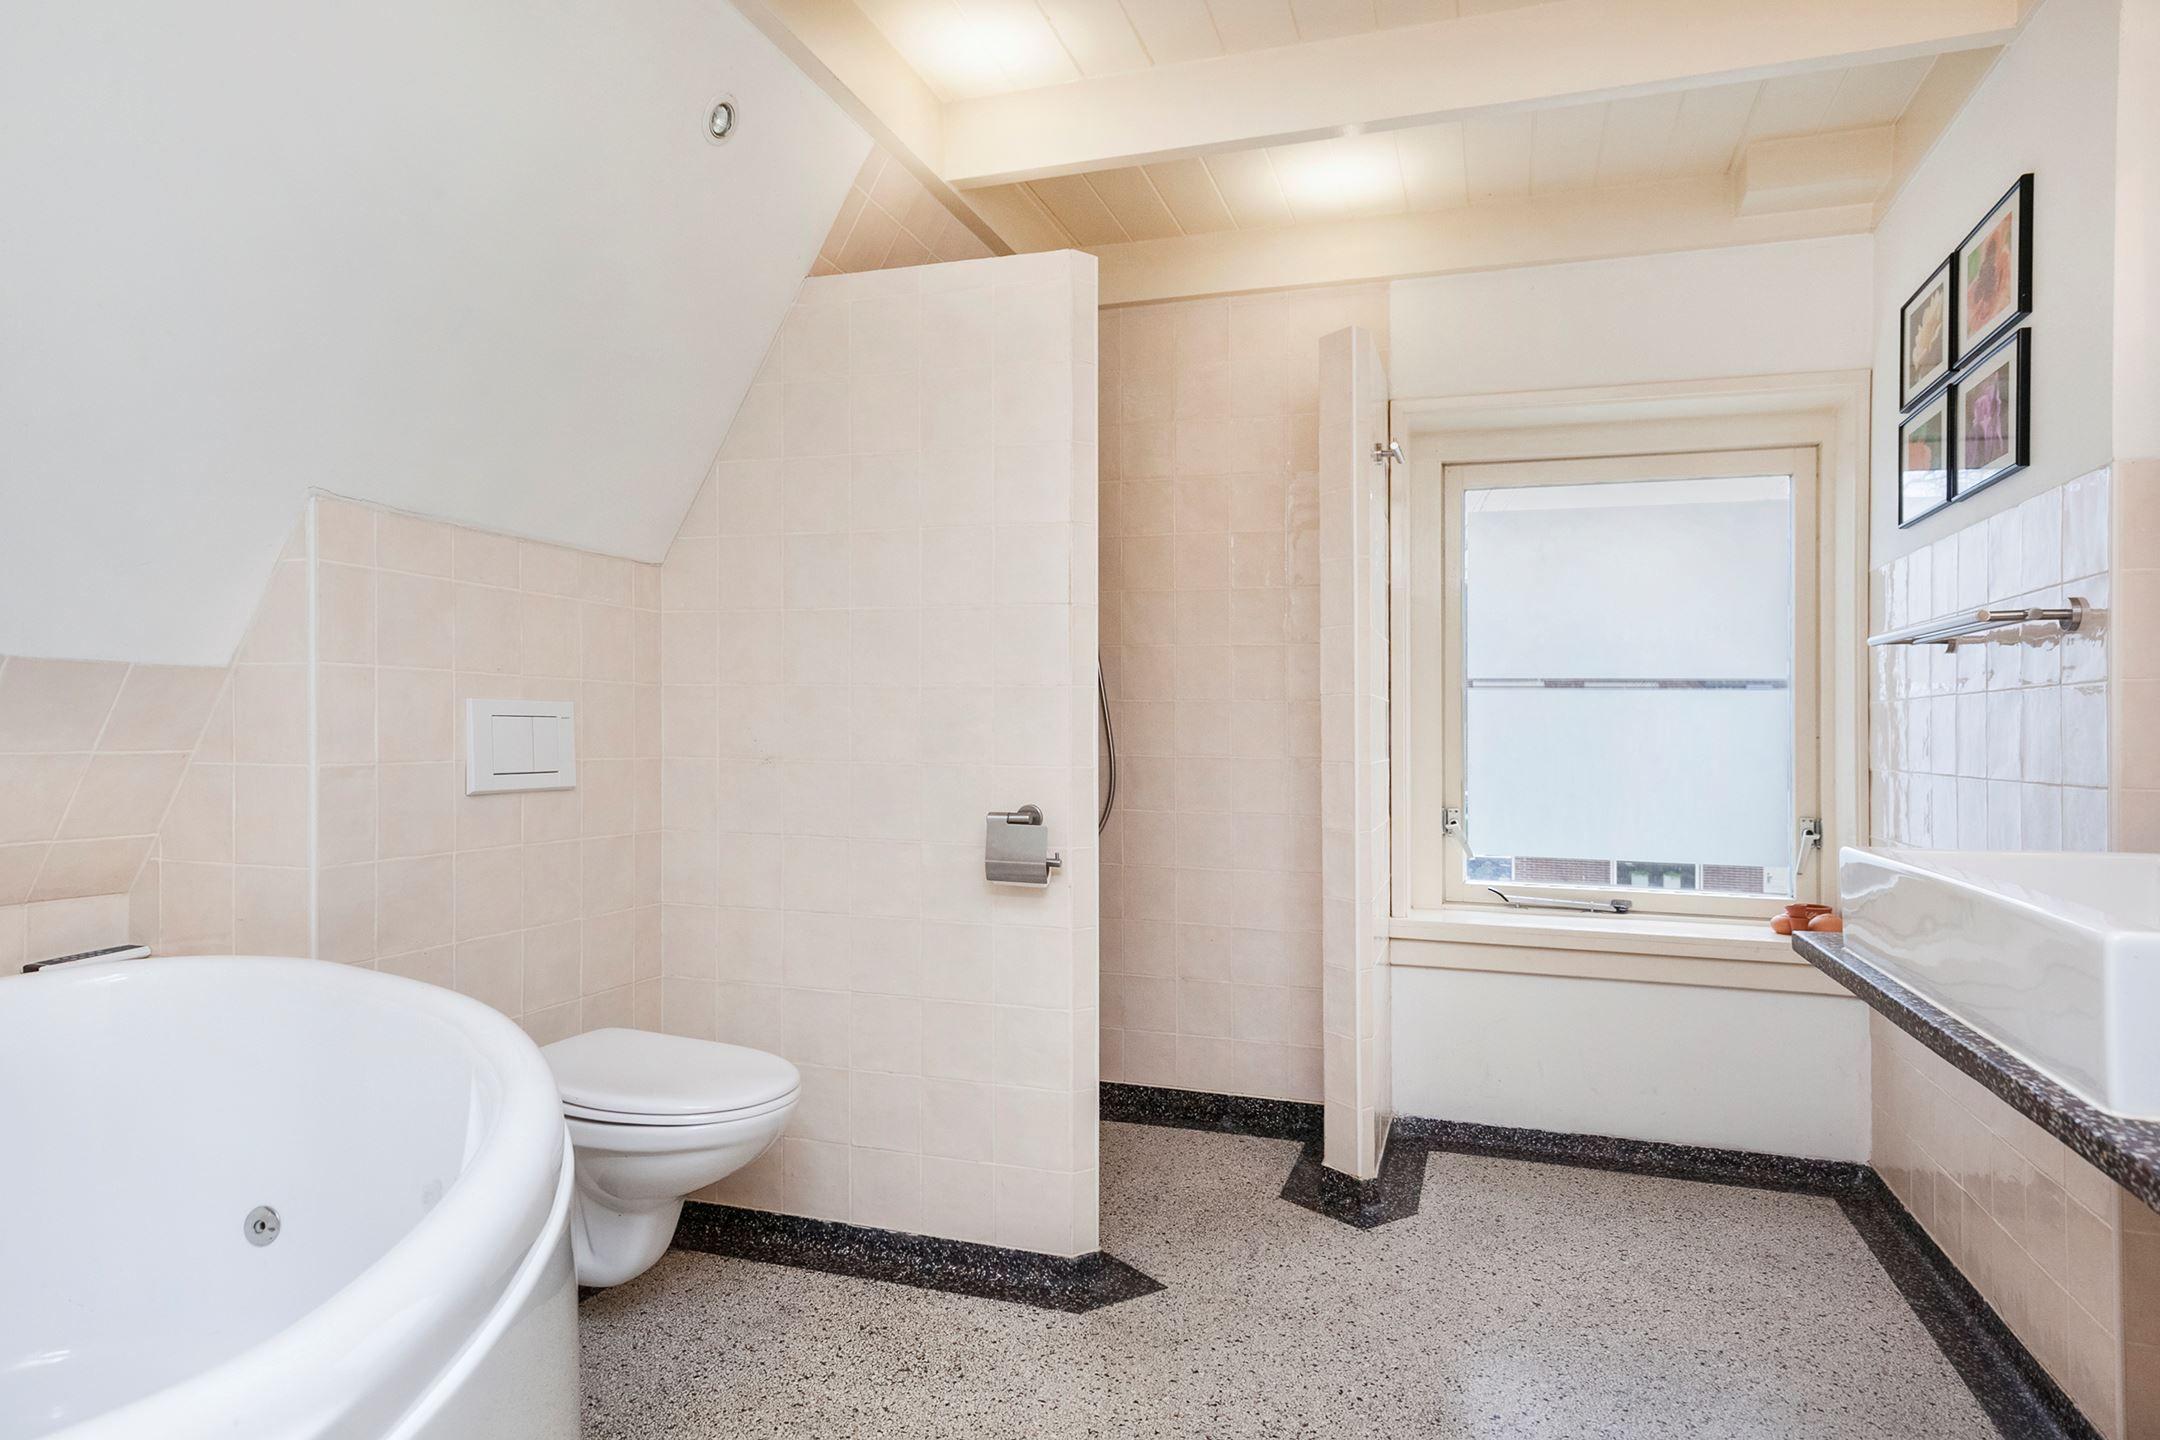 jaren30woningen badkamer in jaren30 stijl met terrazzo